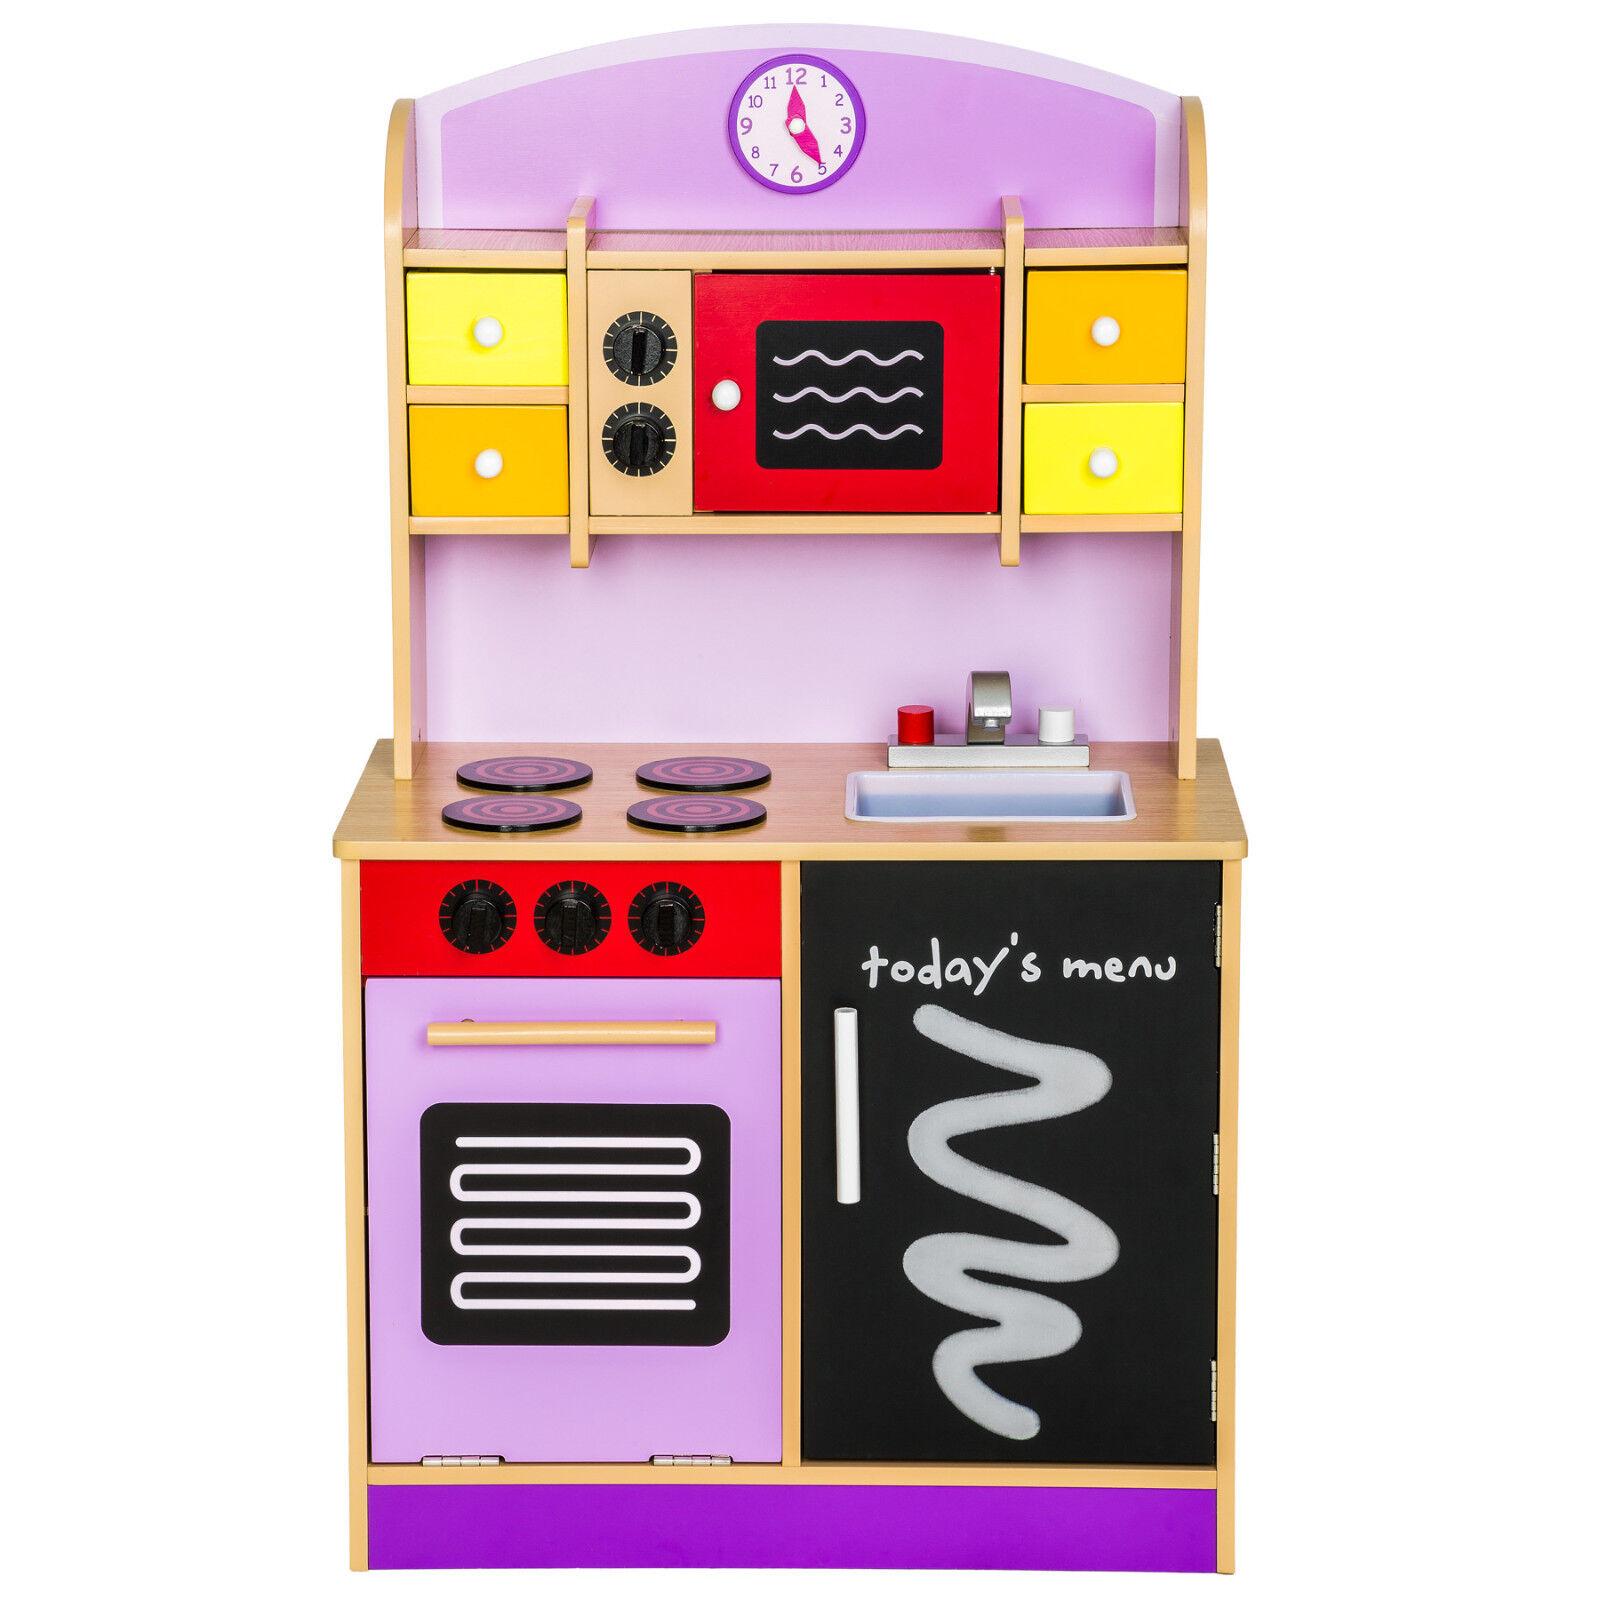 kinderküche aus holz kinderspielküche spielküche spielzeugküche